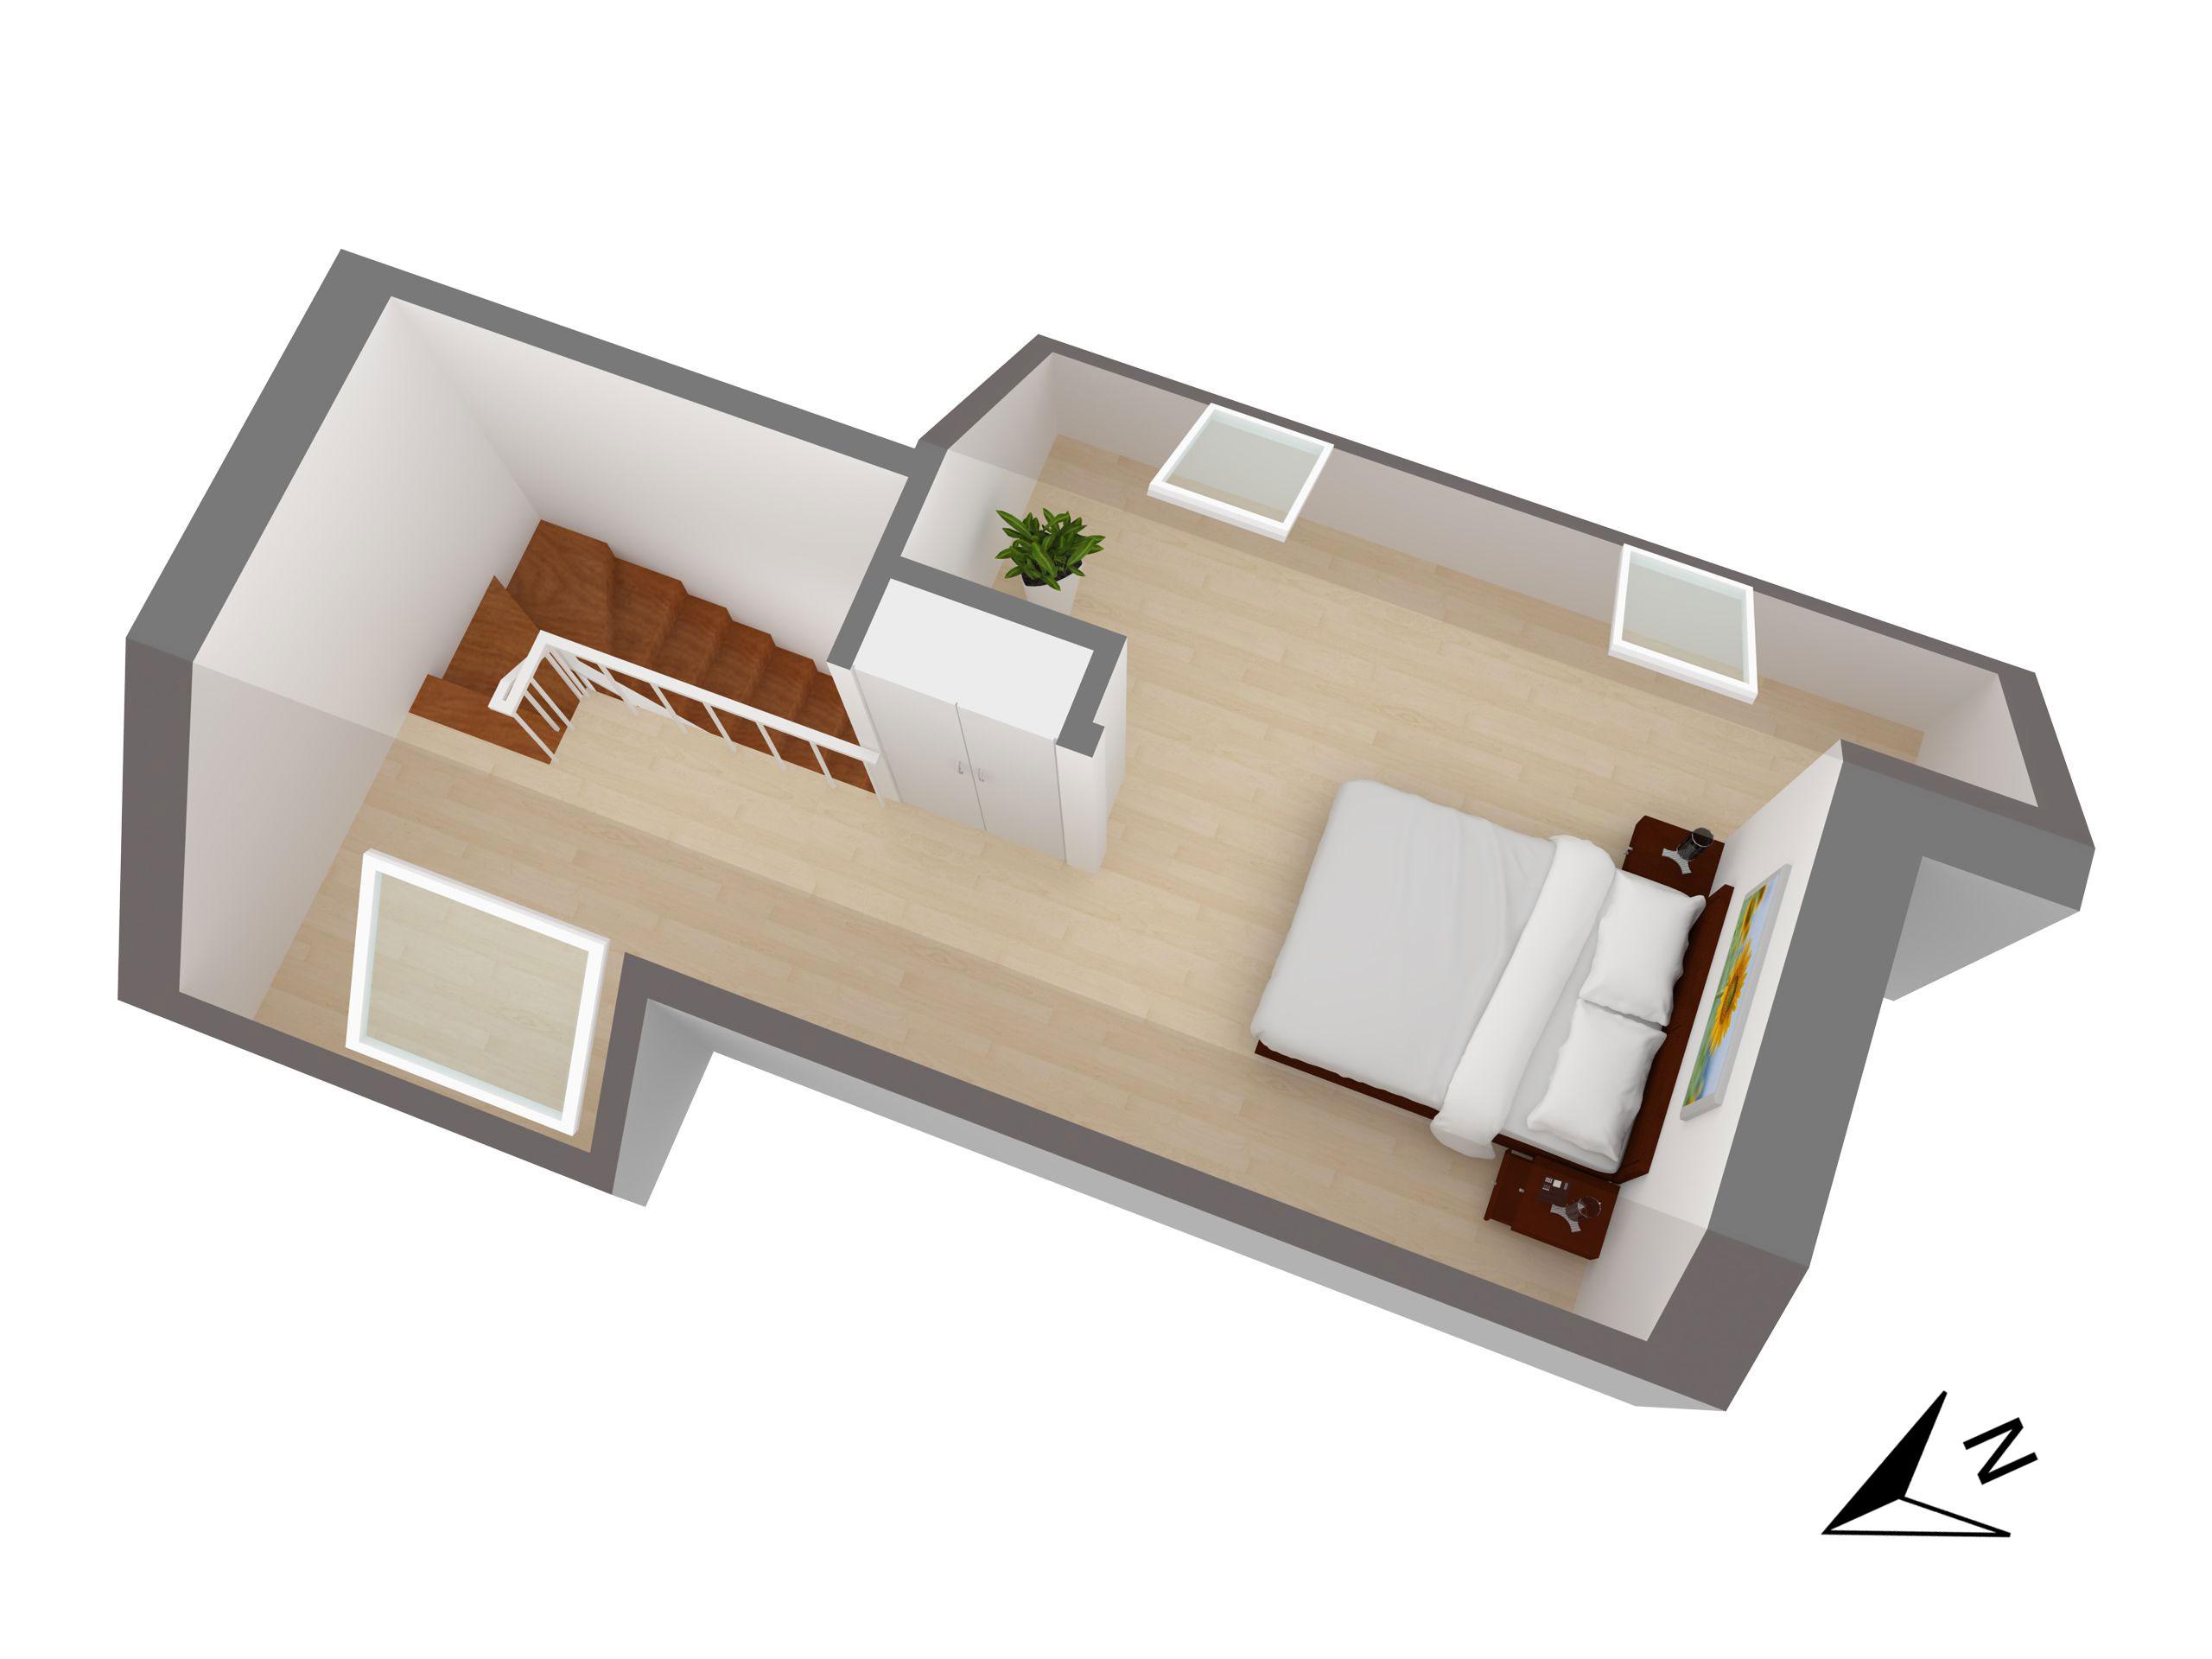 H2W3-spitzboden-3D-mit-pfeil.jpg